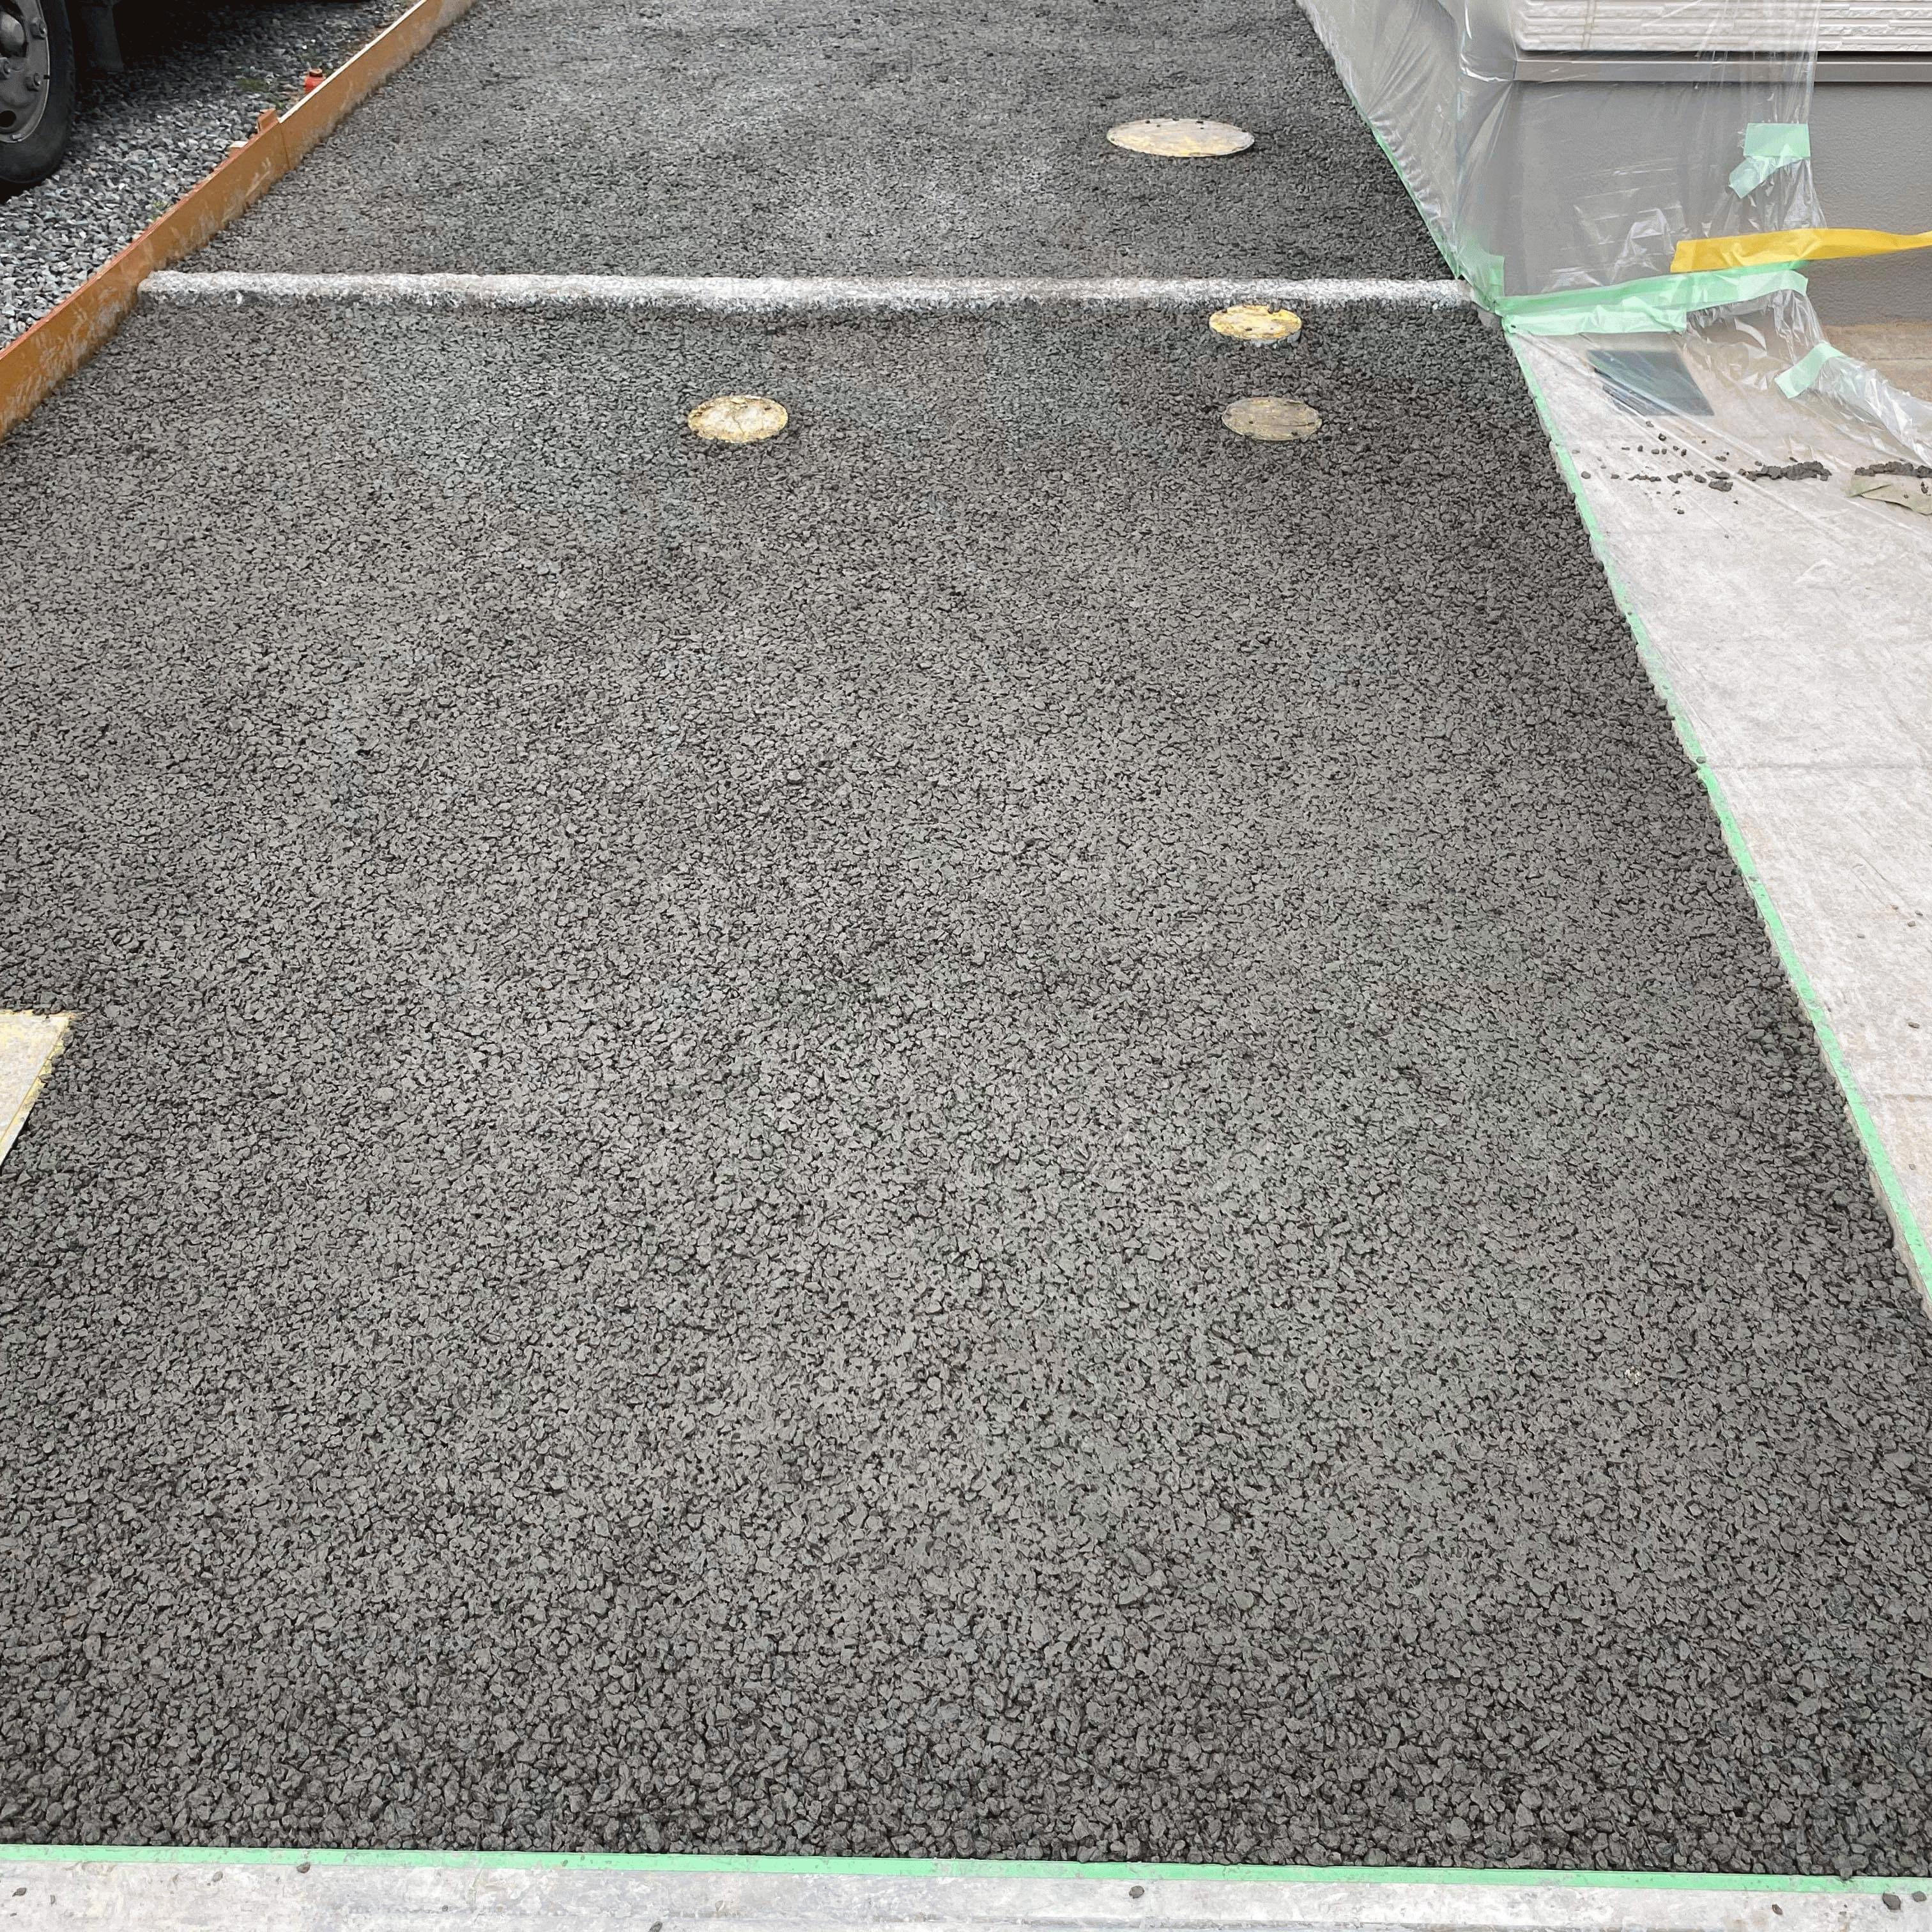 【岡山】「人ももう少したのんで増やします。平坦性は難しいですね!」麻生岡山生コンクリート・DIY